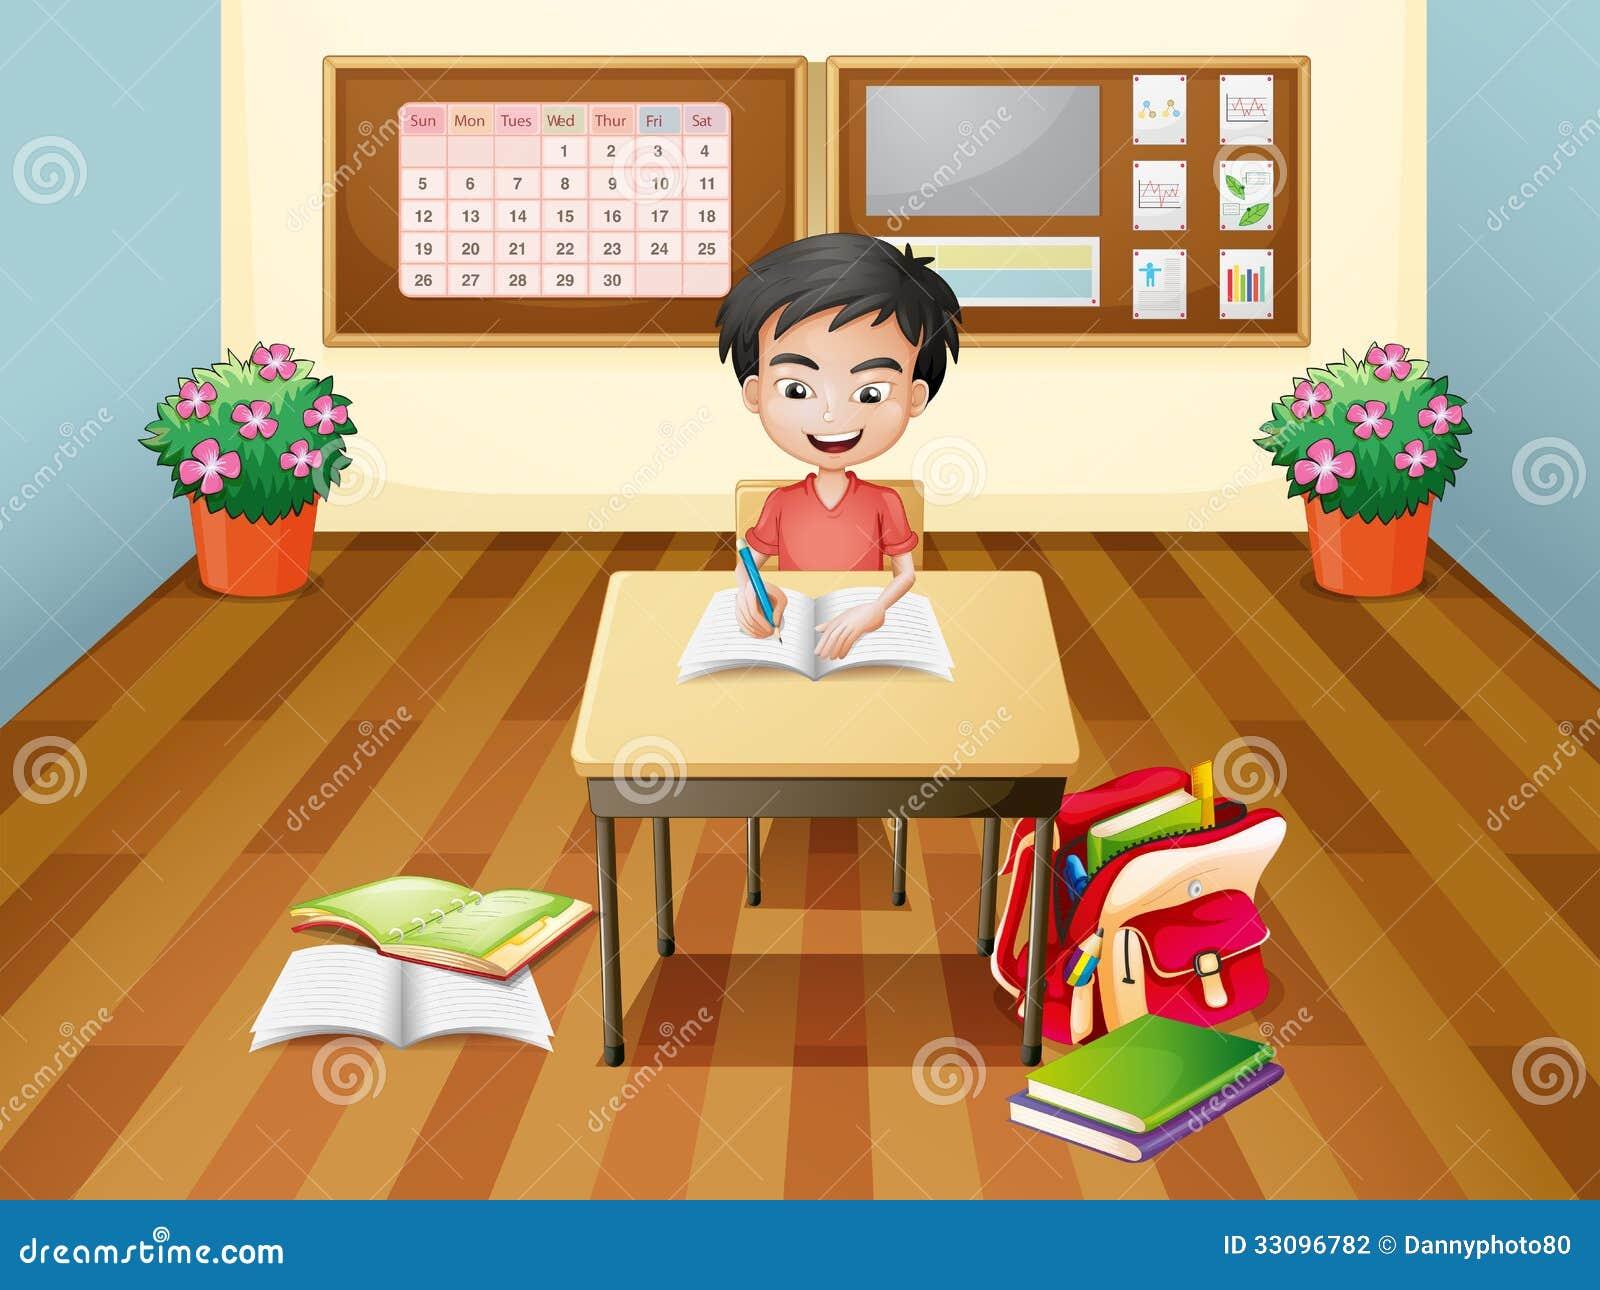 ein jungenschreiben am tisch vektor abbildung illustration von feld mann 33096782. Black Bedroom Furniture Sets. Home Design Ideas